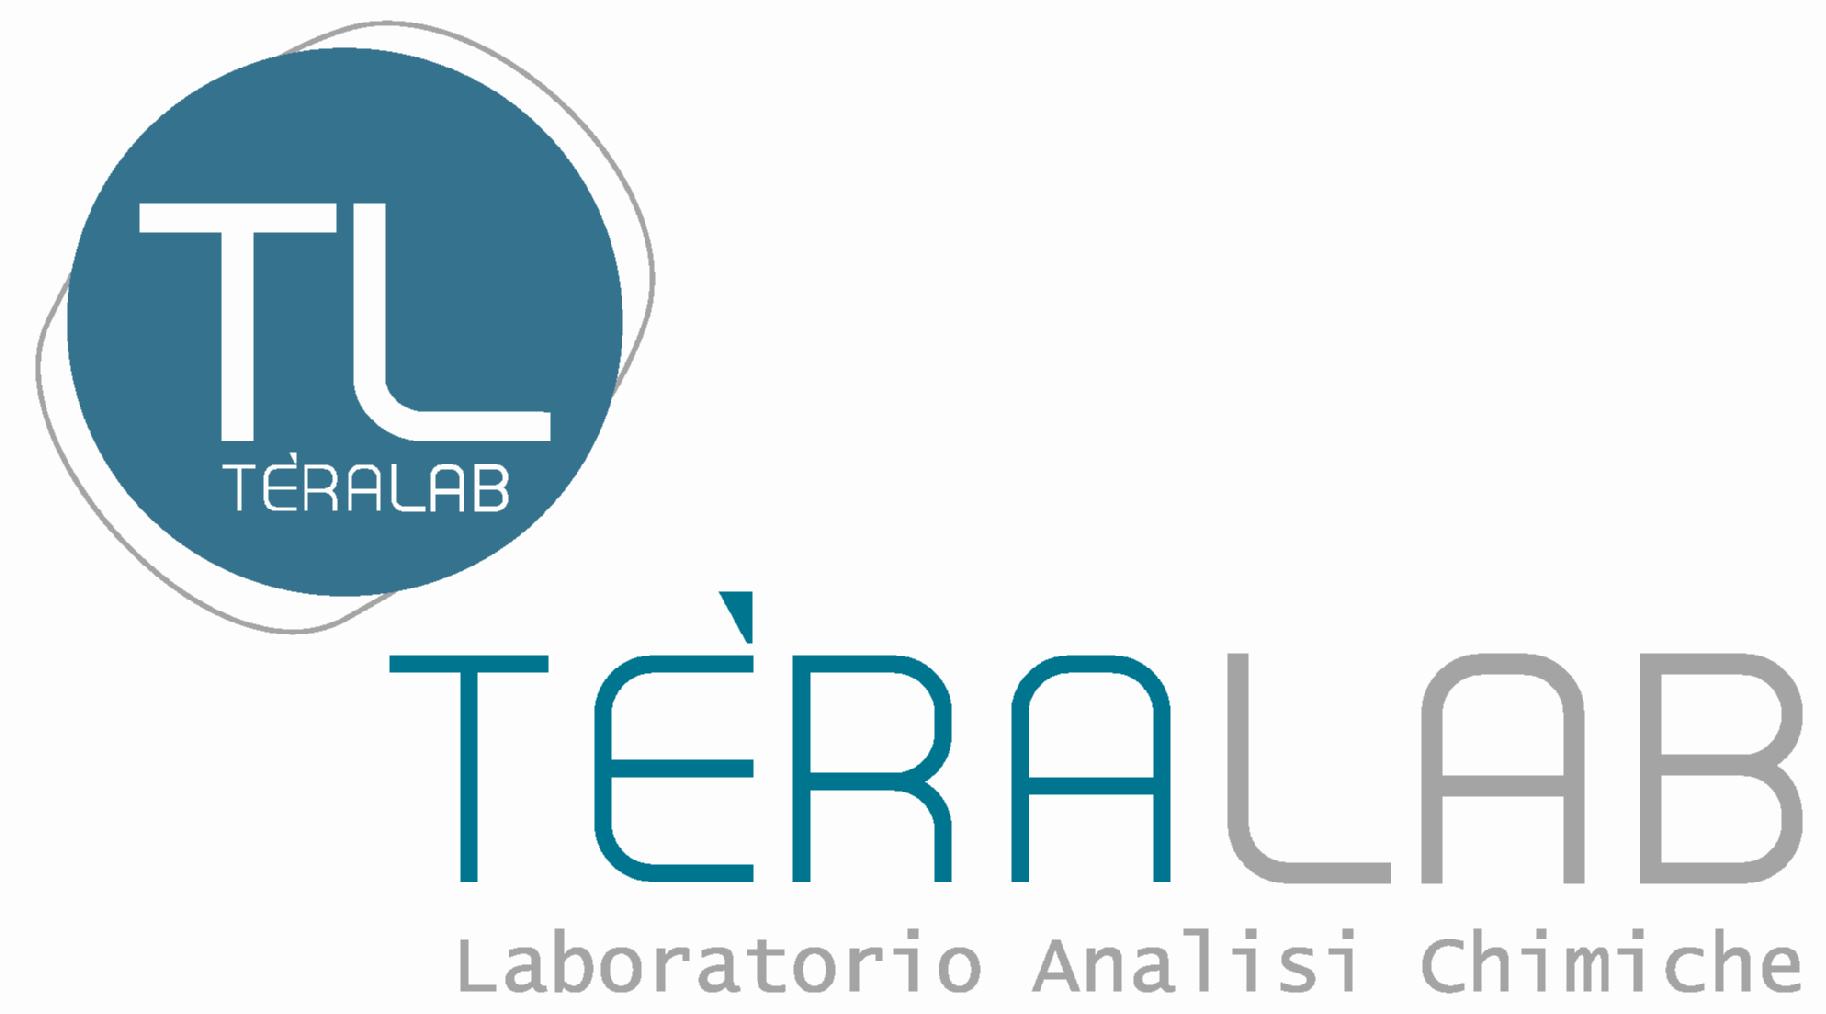 Logo Teralab